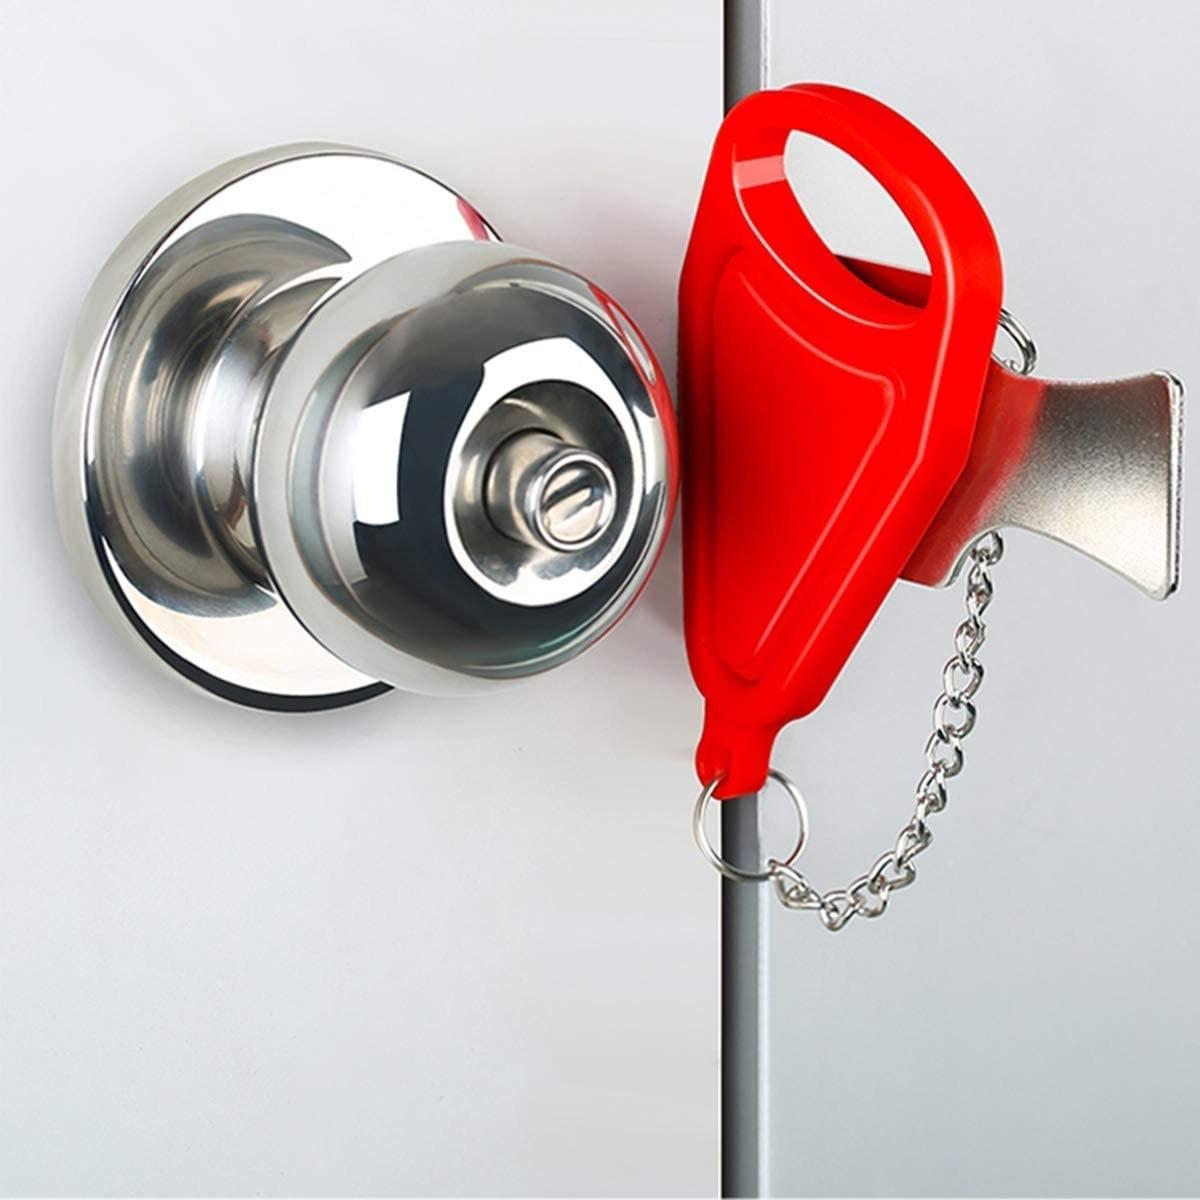 A  portable door lock wedged into a door beside the handle